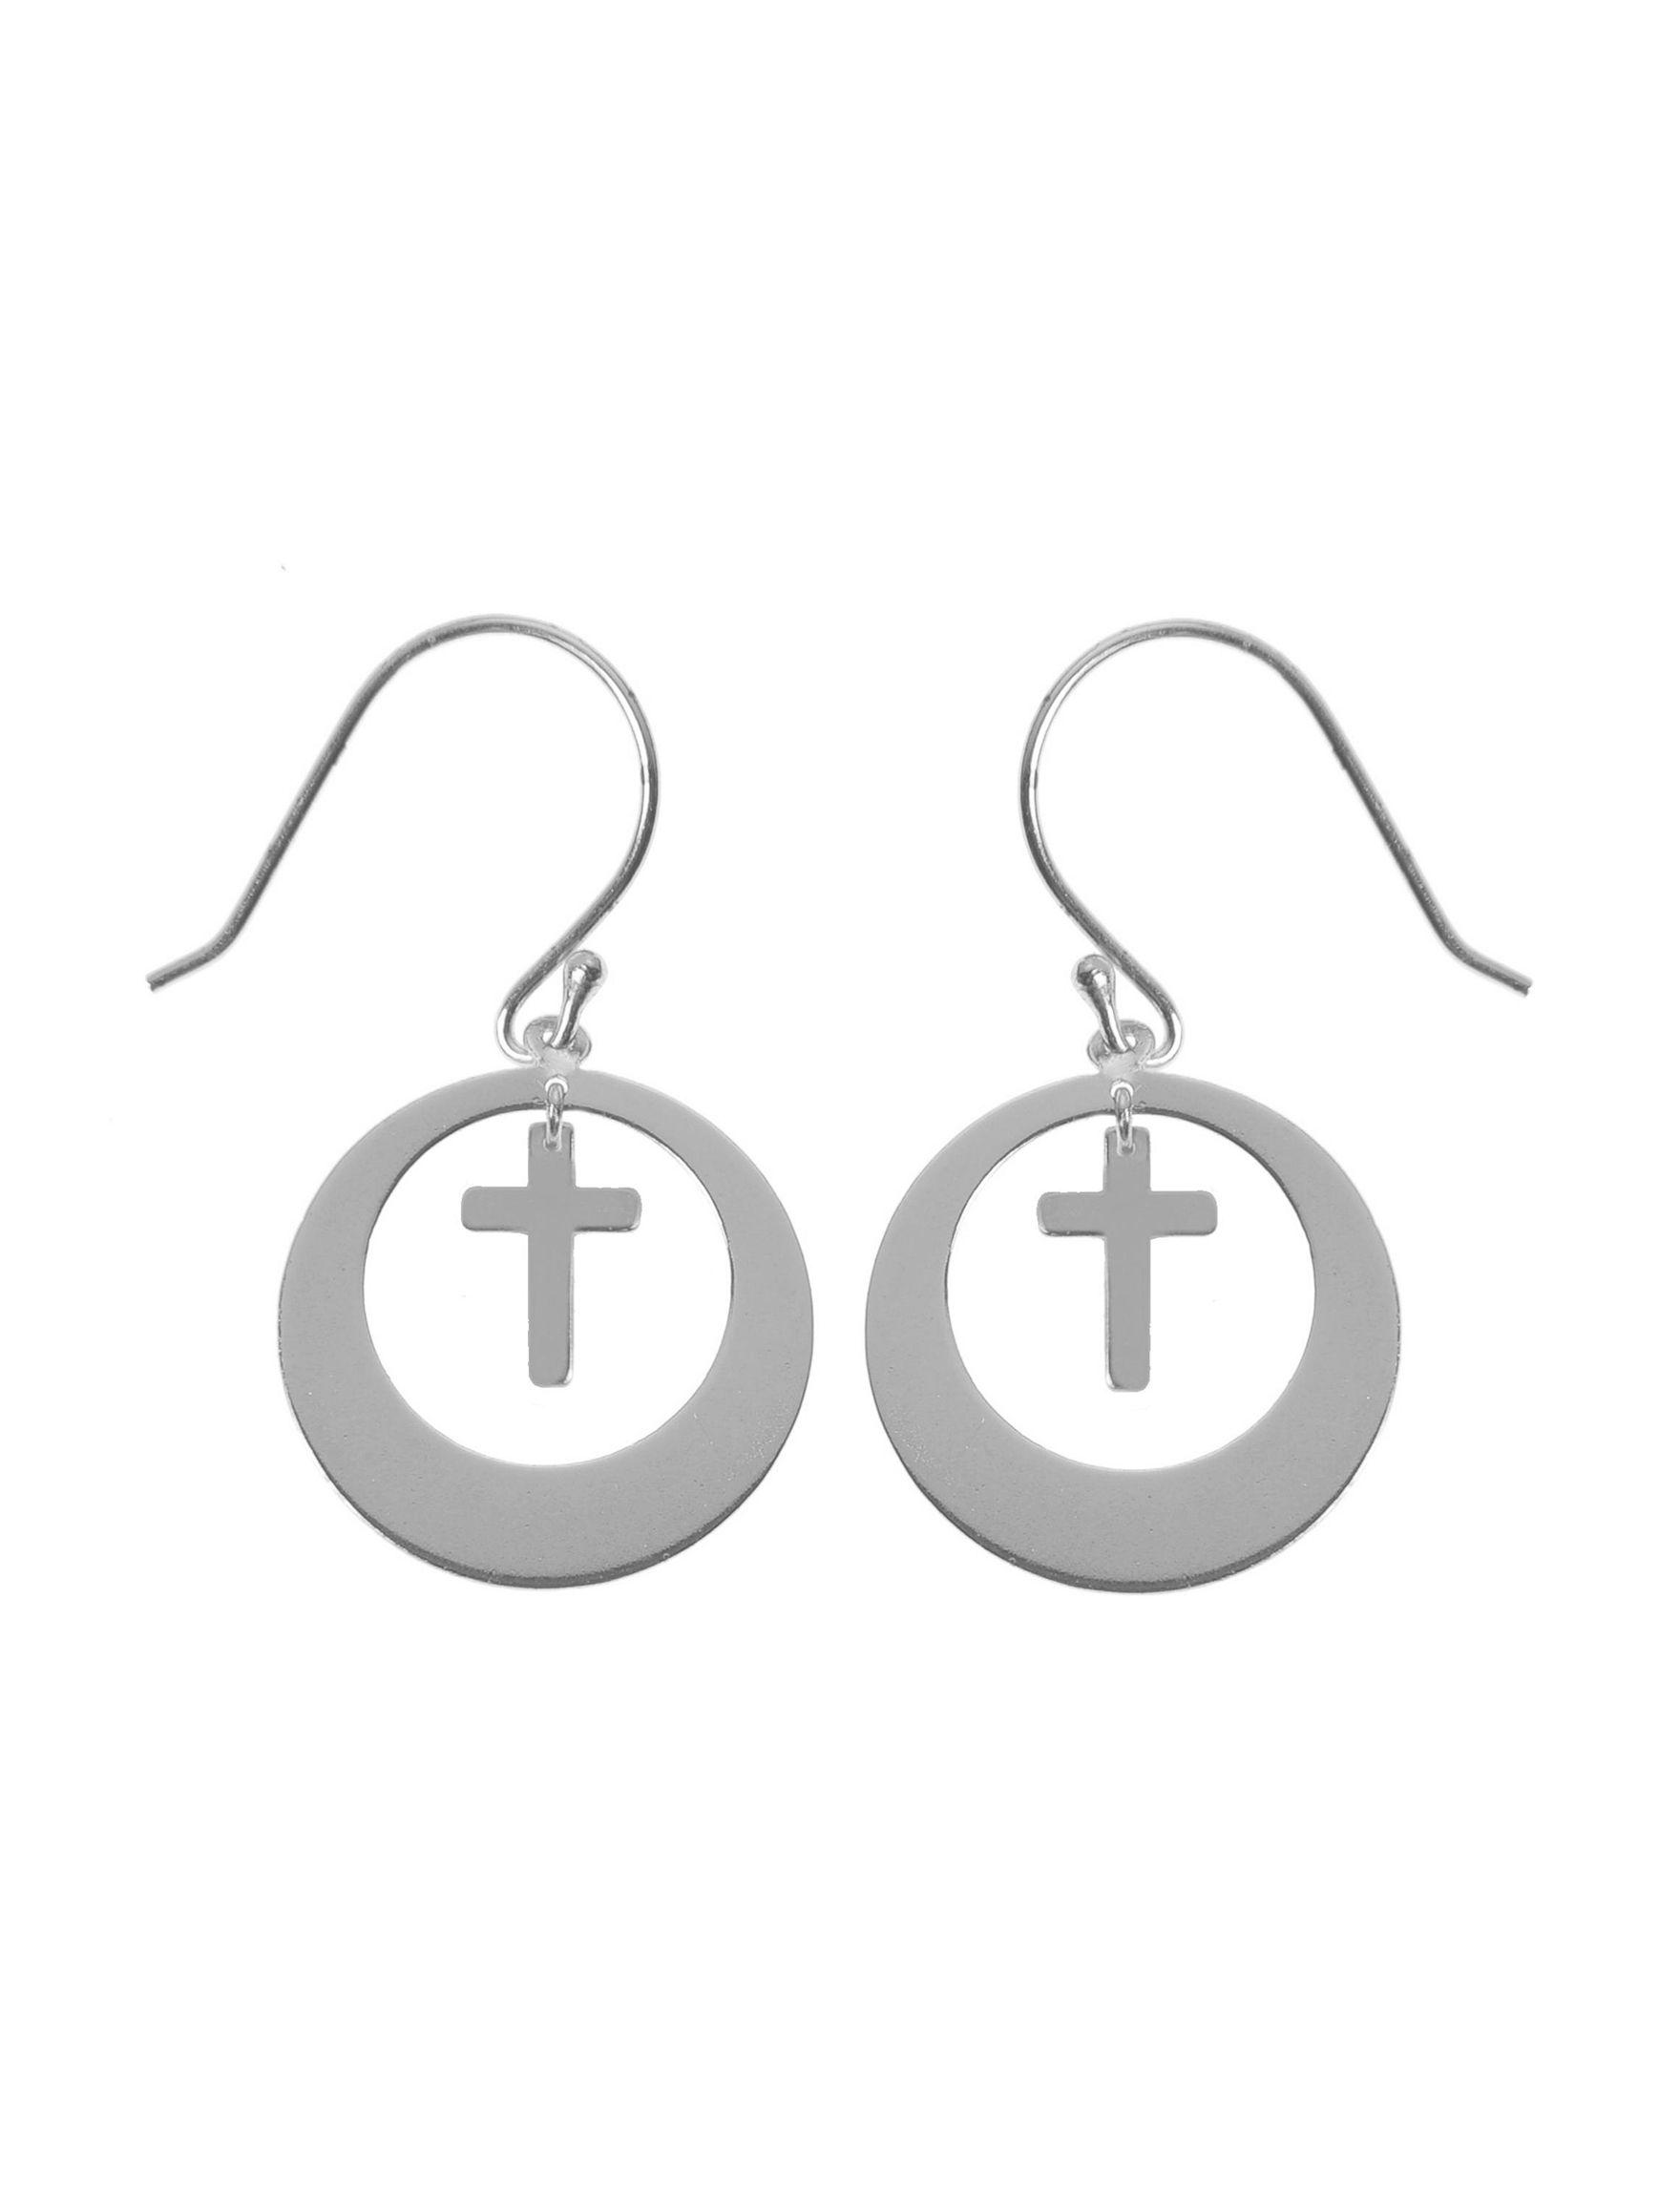 L & J White / Silver Drops Earrings Fine Jewelry